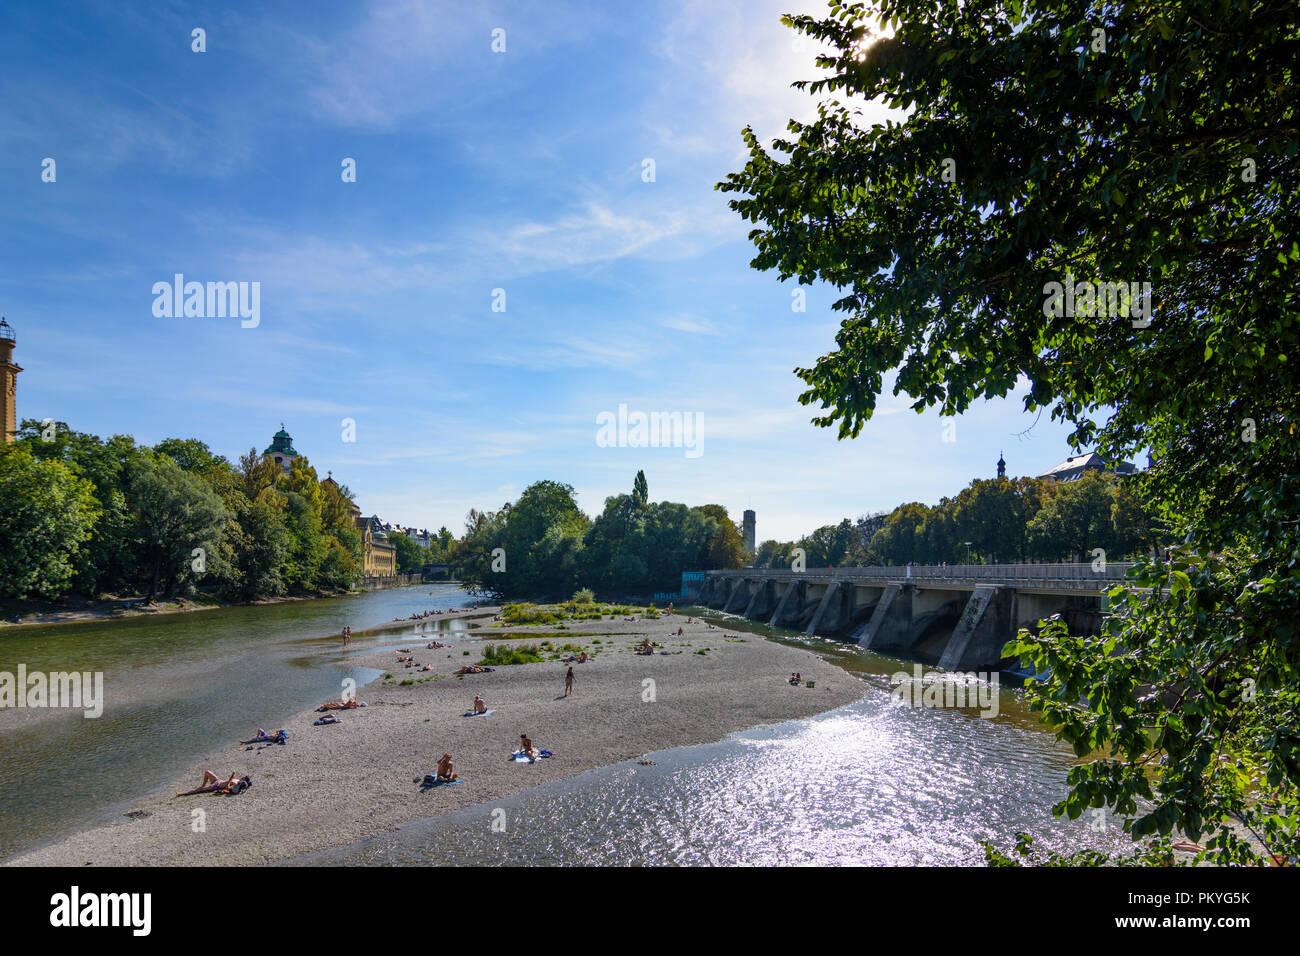 München, Munich: river Kleine Isar, sunbather, Wehrsteg, Oberbayern, Upper Bavaria, Bayern, Bavaria, Germany - Stock Image